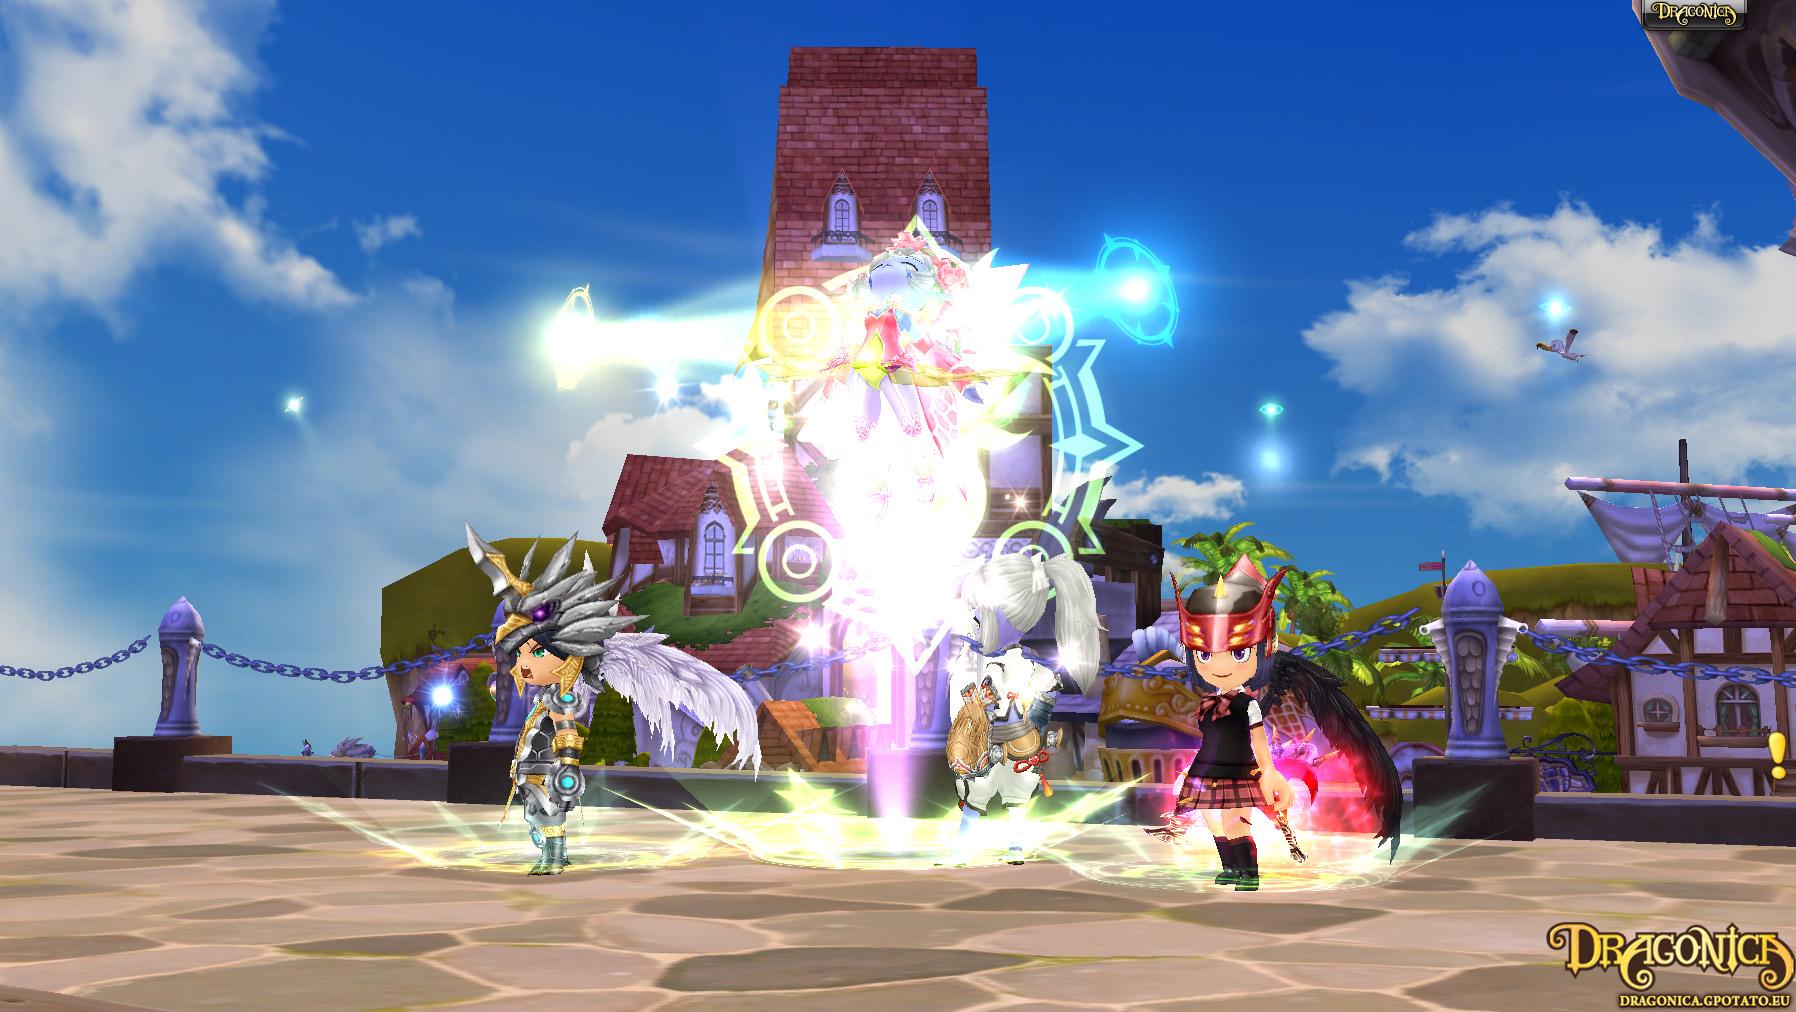 Klicke auf die Grafik für eine größere AnsichtName:Dragonica-screenshot-characters.jpgHits:36Größe:507,8 KBID:7807